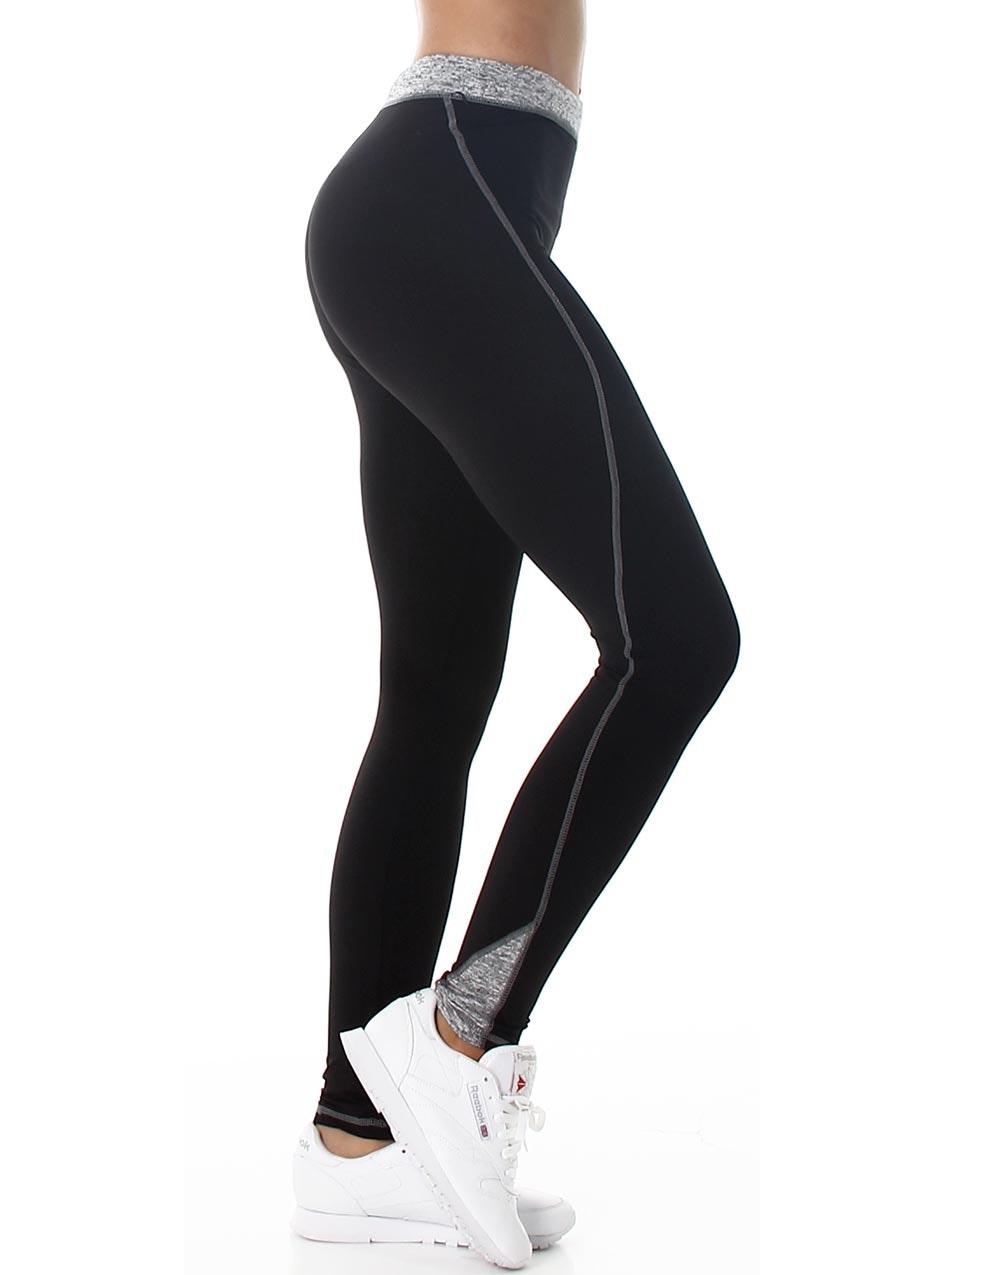 oljemassage malmö sex underkläder för kvinnor